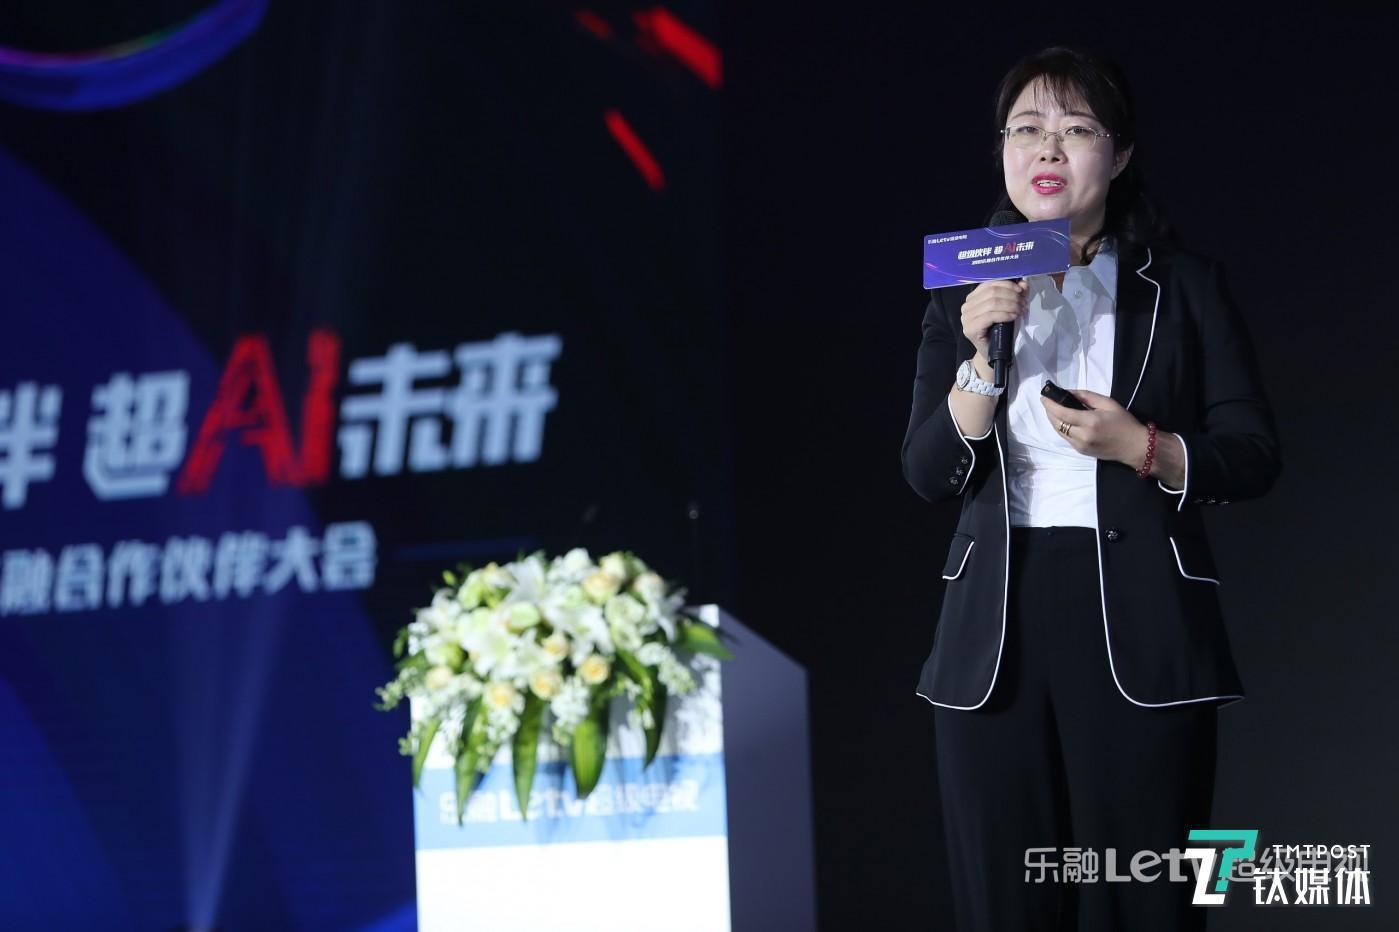 融创文化集团副总裁、乐融致新董事长兼CEO刘淑青